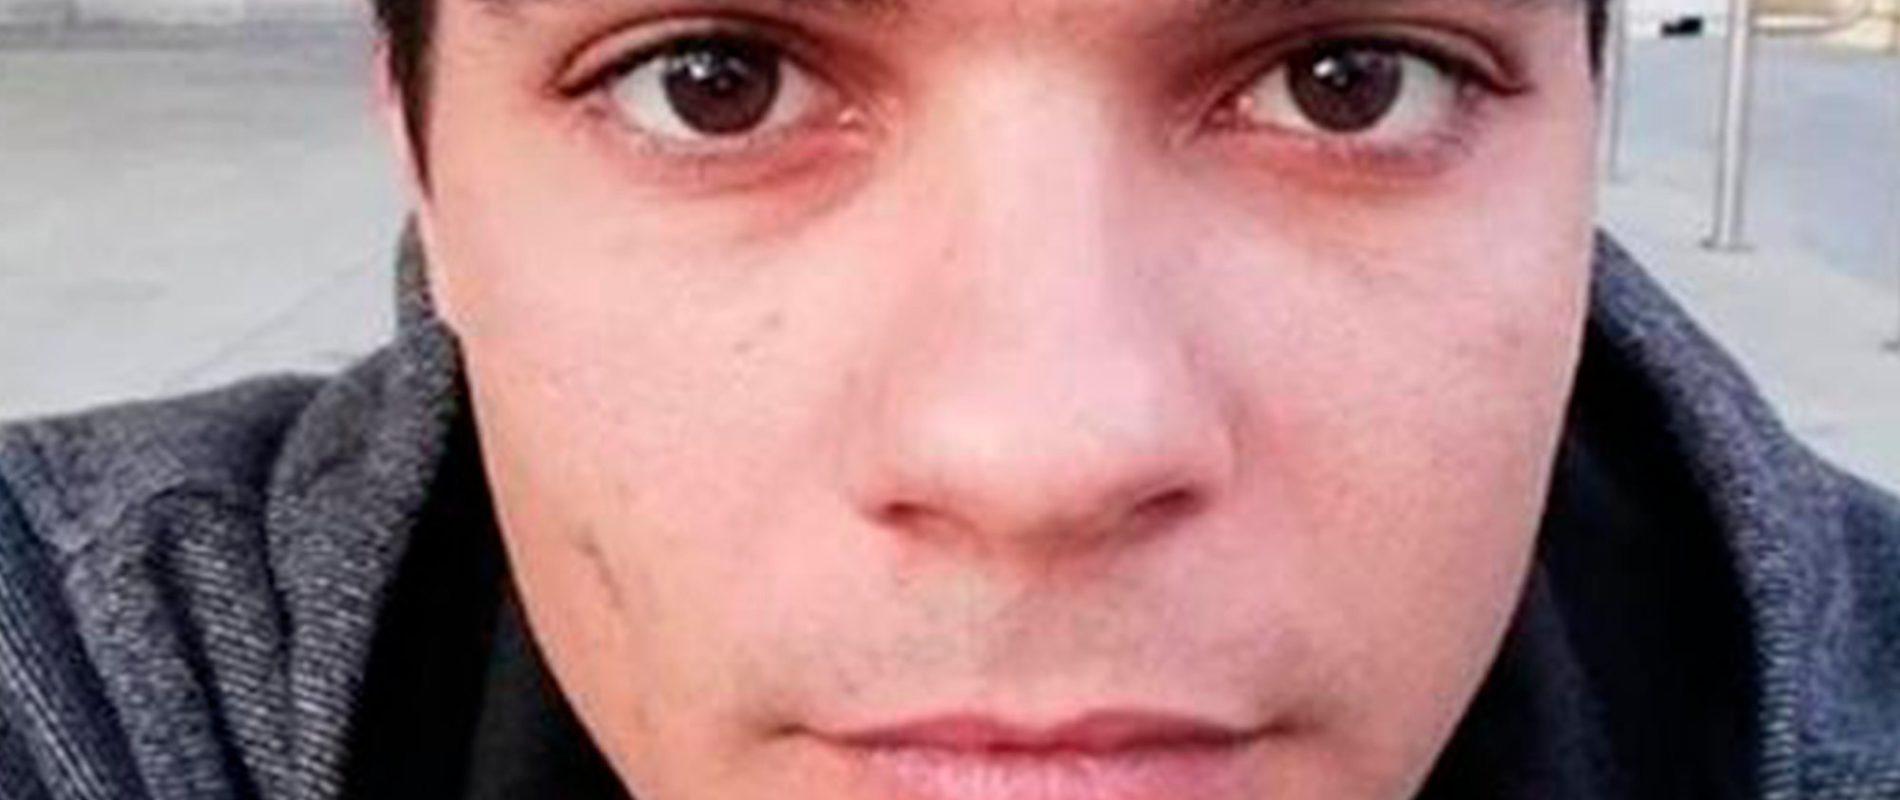 Se alimentó de los restos de su madre por casi un mes: Joven asesinó a su mamá por sus constantes regaños